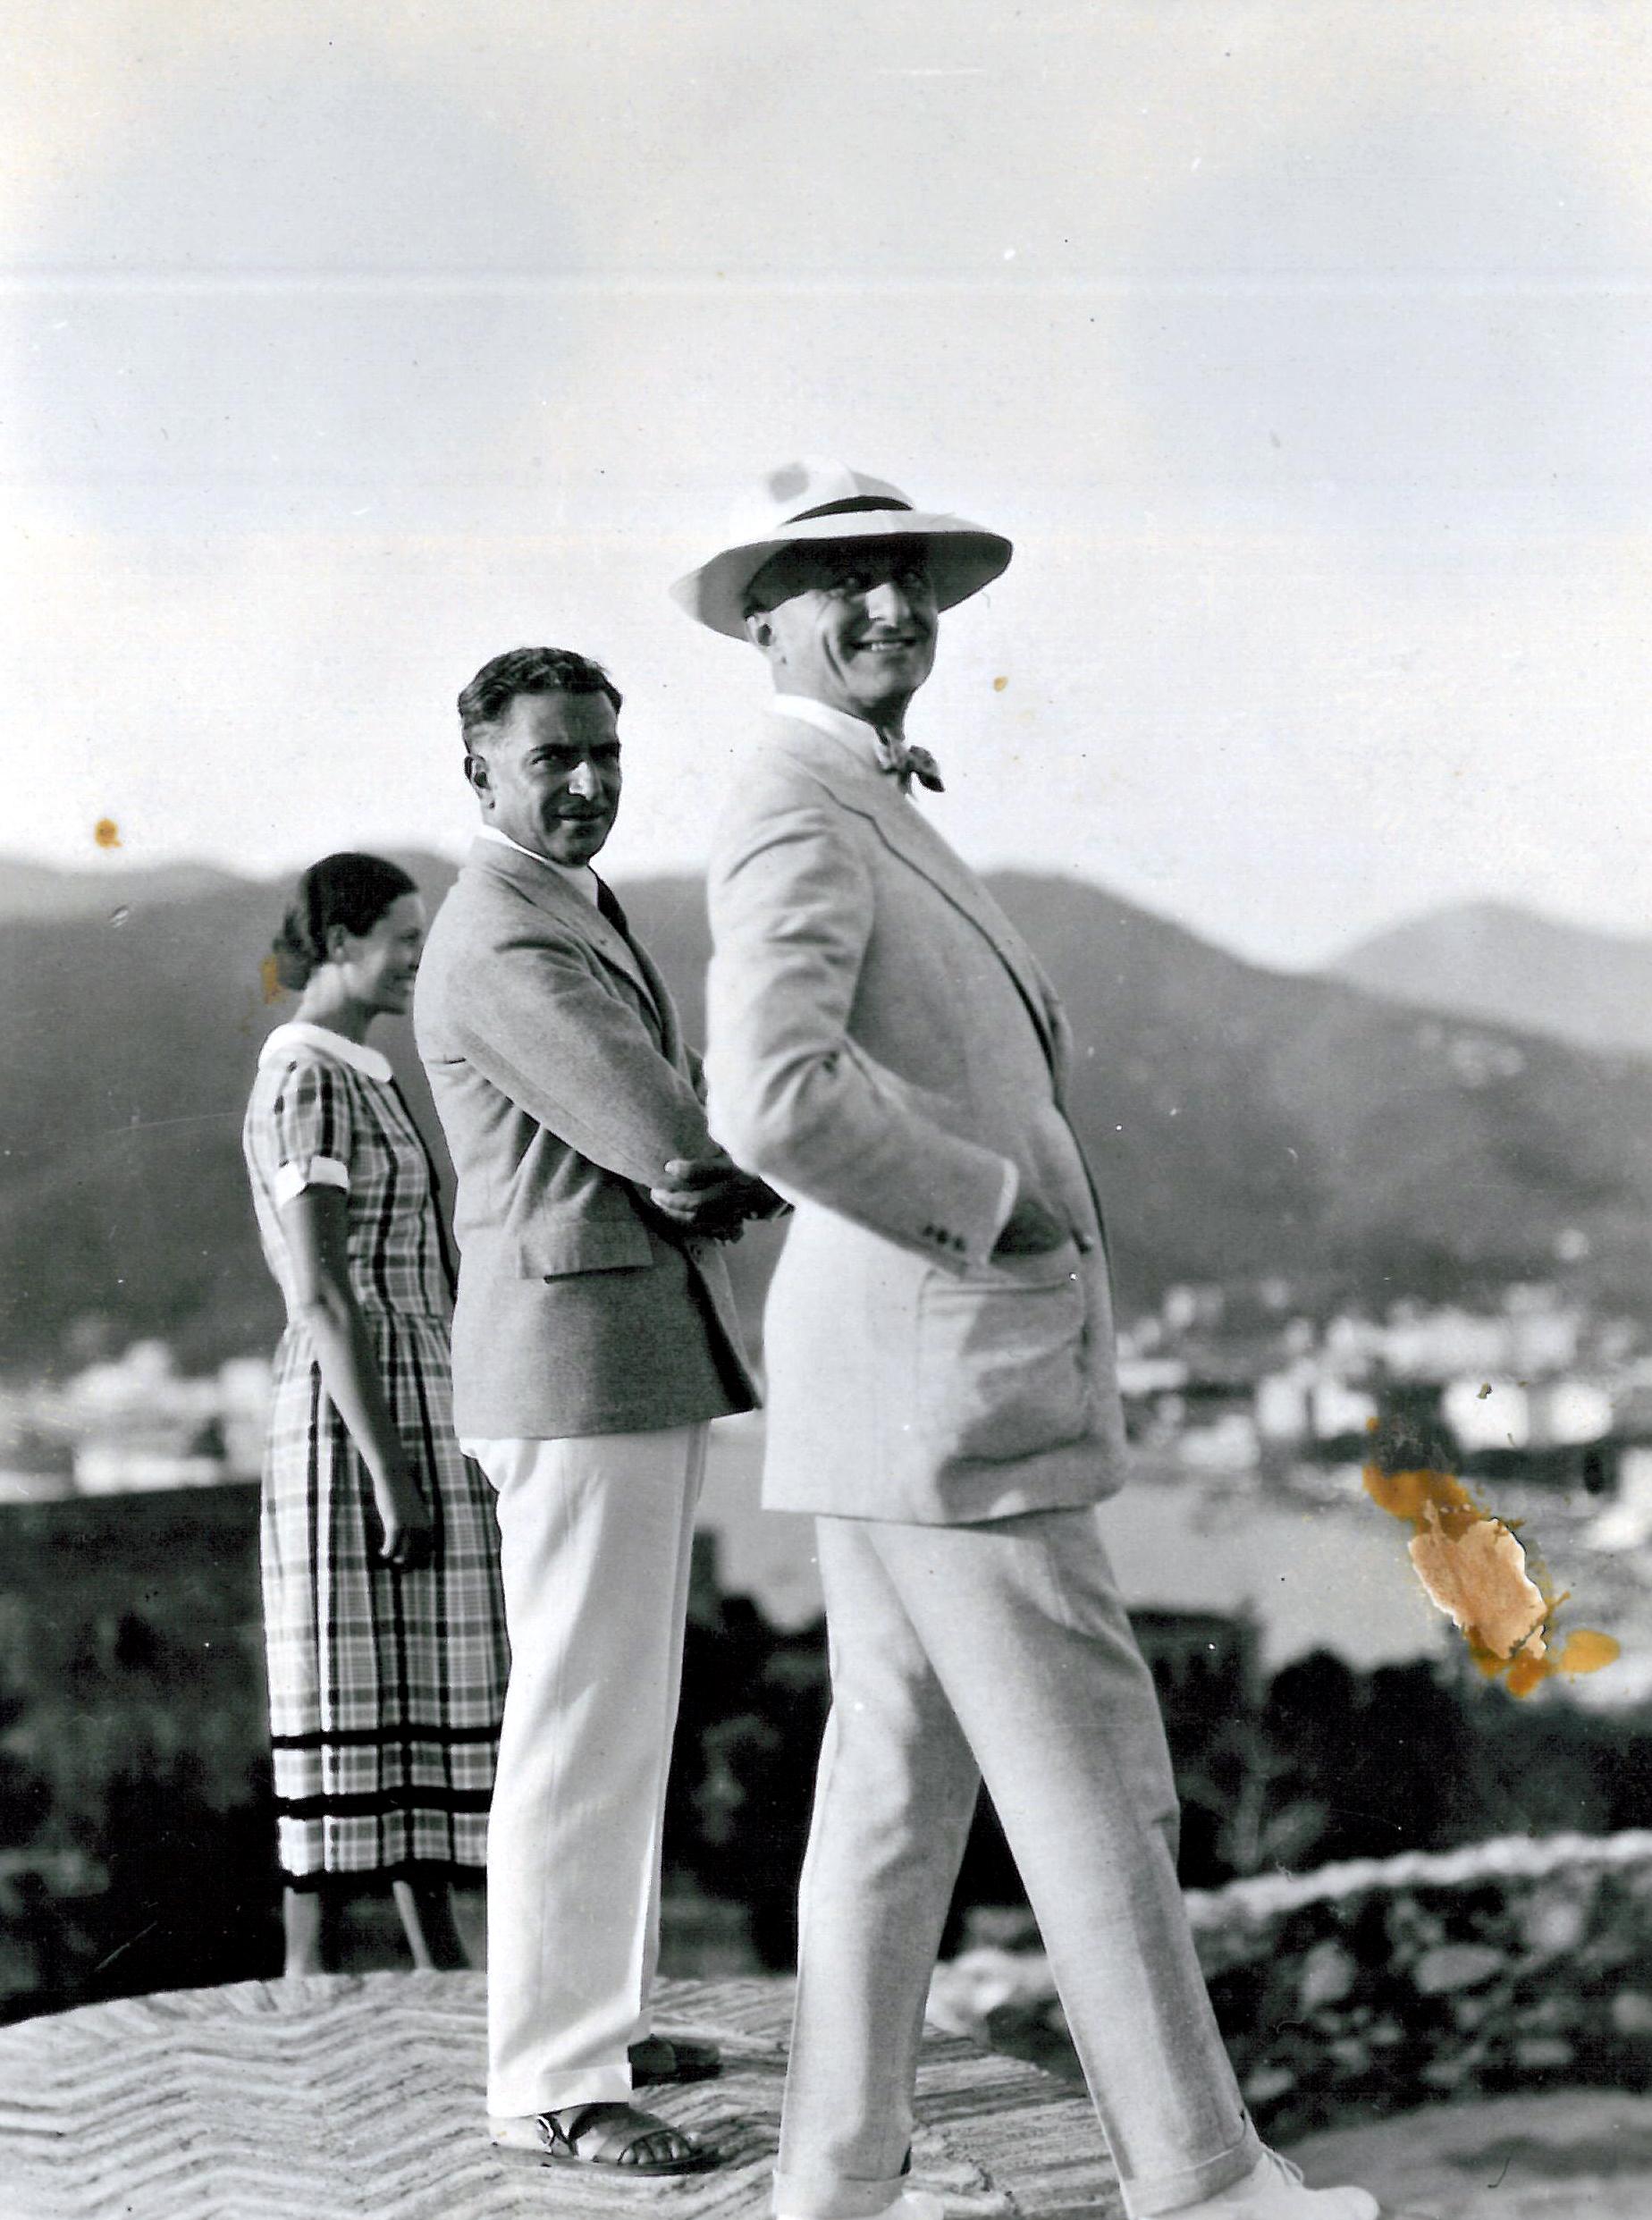 Autore Ignoto (forse Cesarina Gurgo Salice Gualino),  tre figure di profilo, Daphne Maugham, Felice Casorati e Riccardo Gualino , 1927, foto b/n, 21,02 x 15,65 cm, courtesy Archivio Casorati